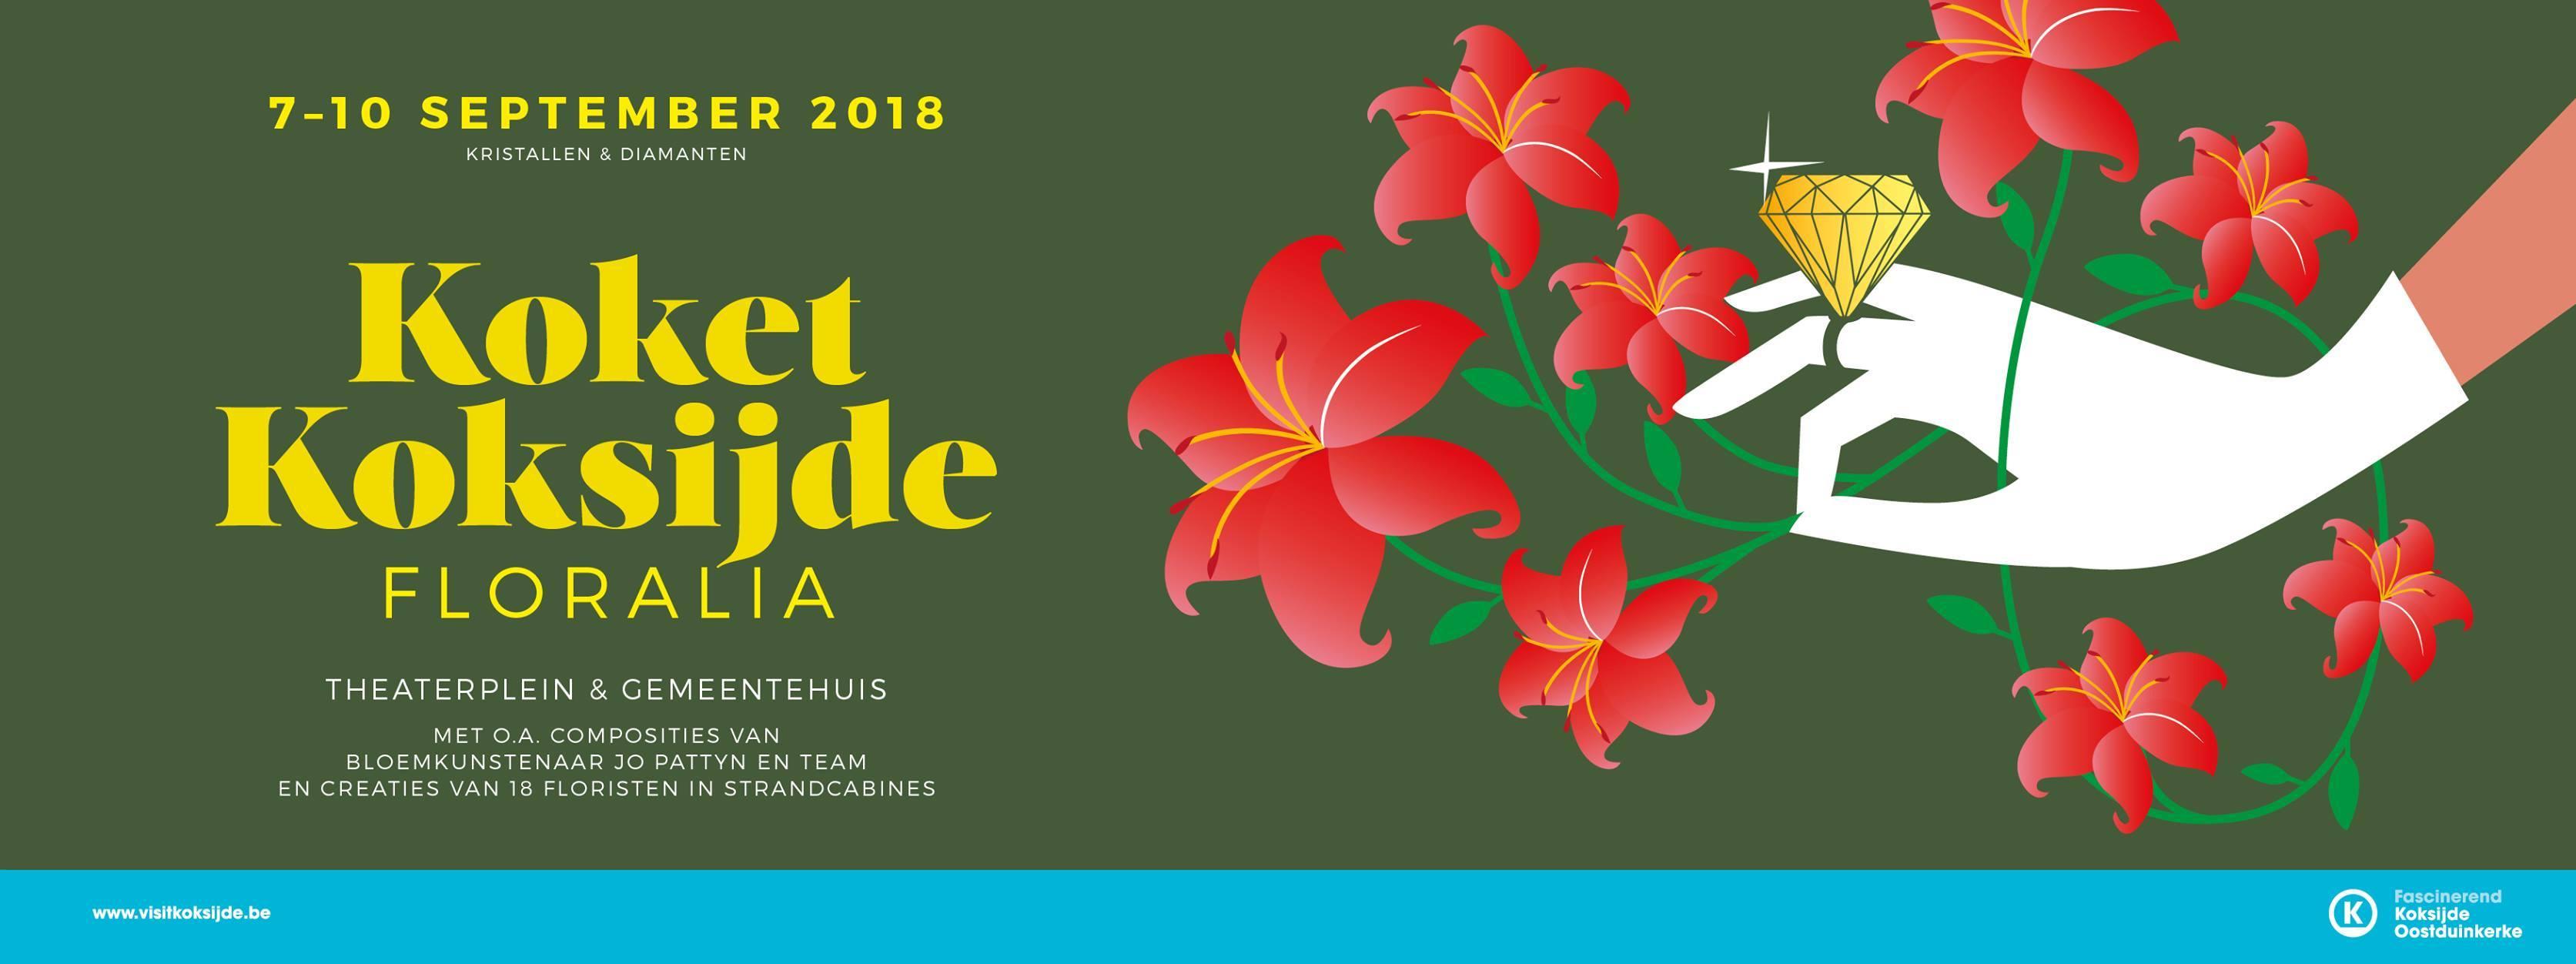 北海の街 Koksijdeでのお花の展示会、KOKETのご案内。_d0355818_18262910.jpg